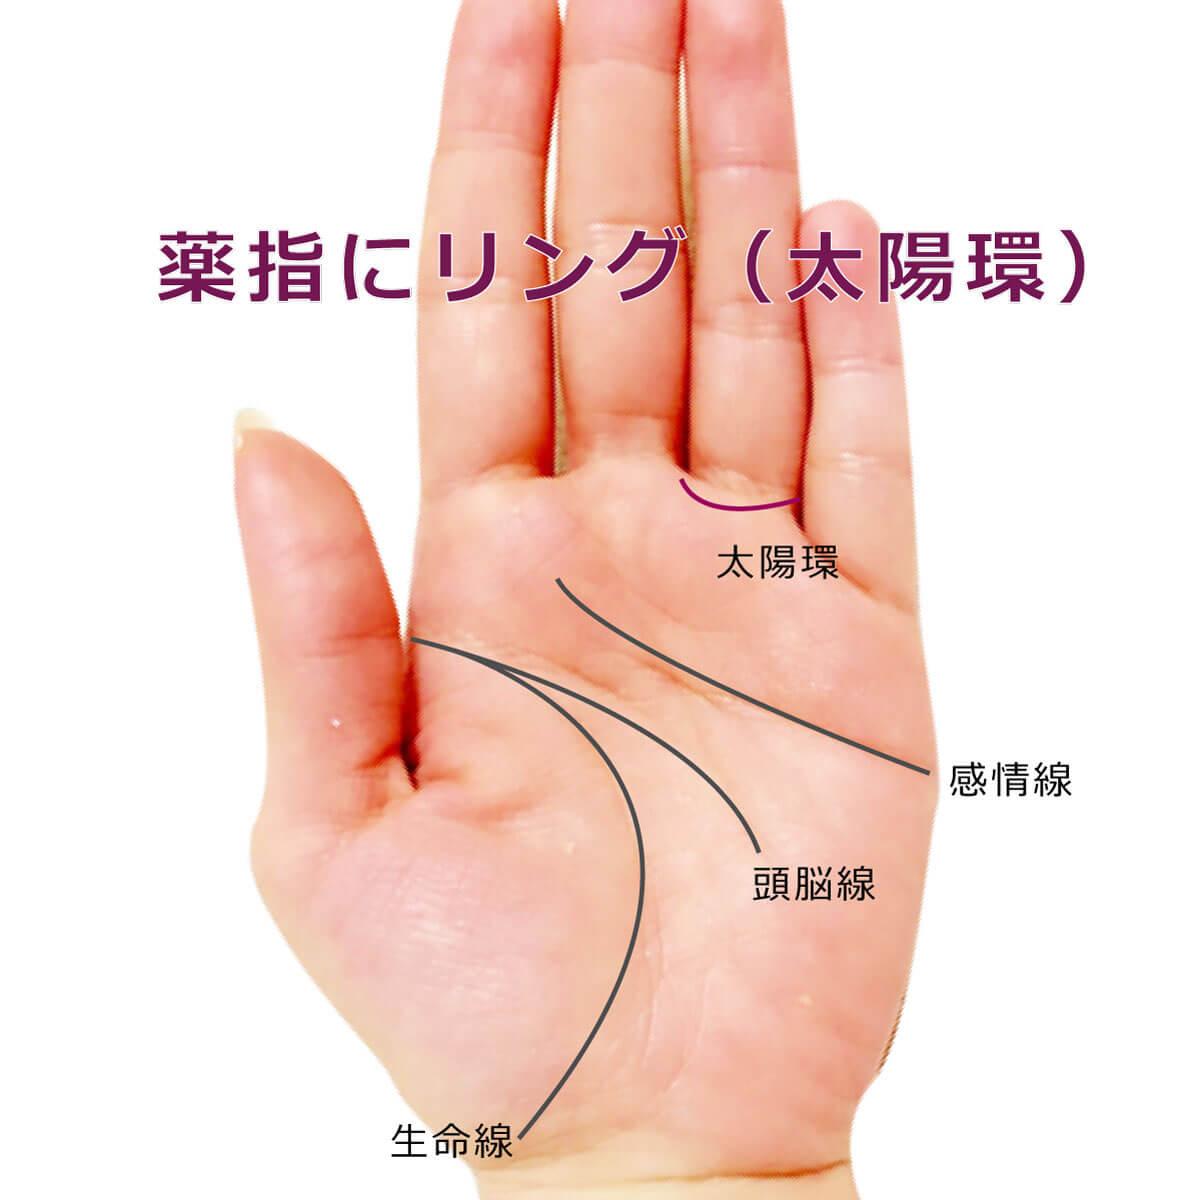 薬指にリング・太陽環がある手相